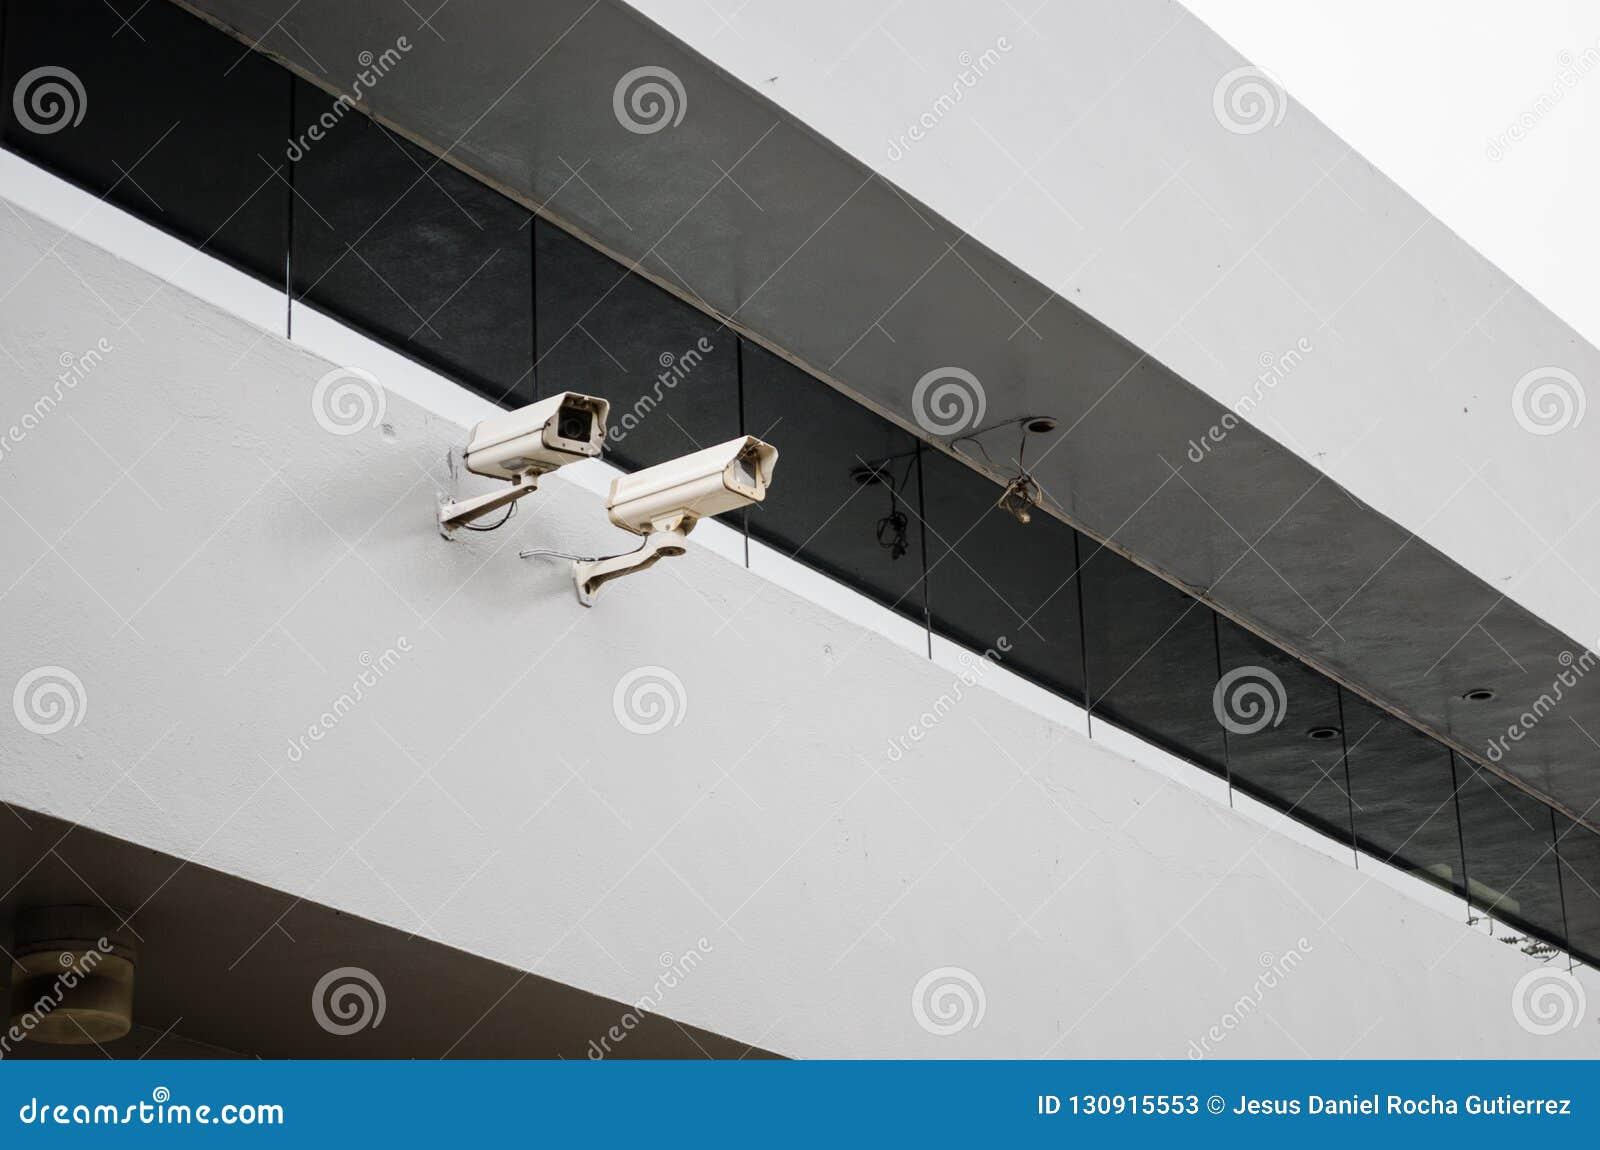 Cerca hasta dos cámaras de seguridad en la estructura de un edificio con un espejo grande sobre ellos